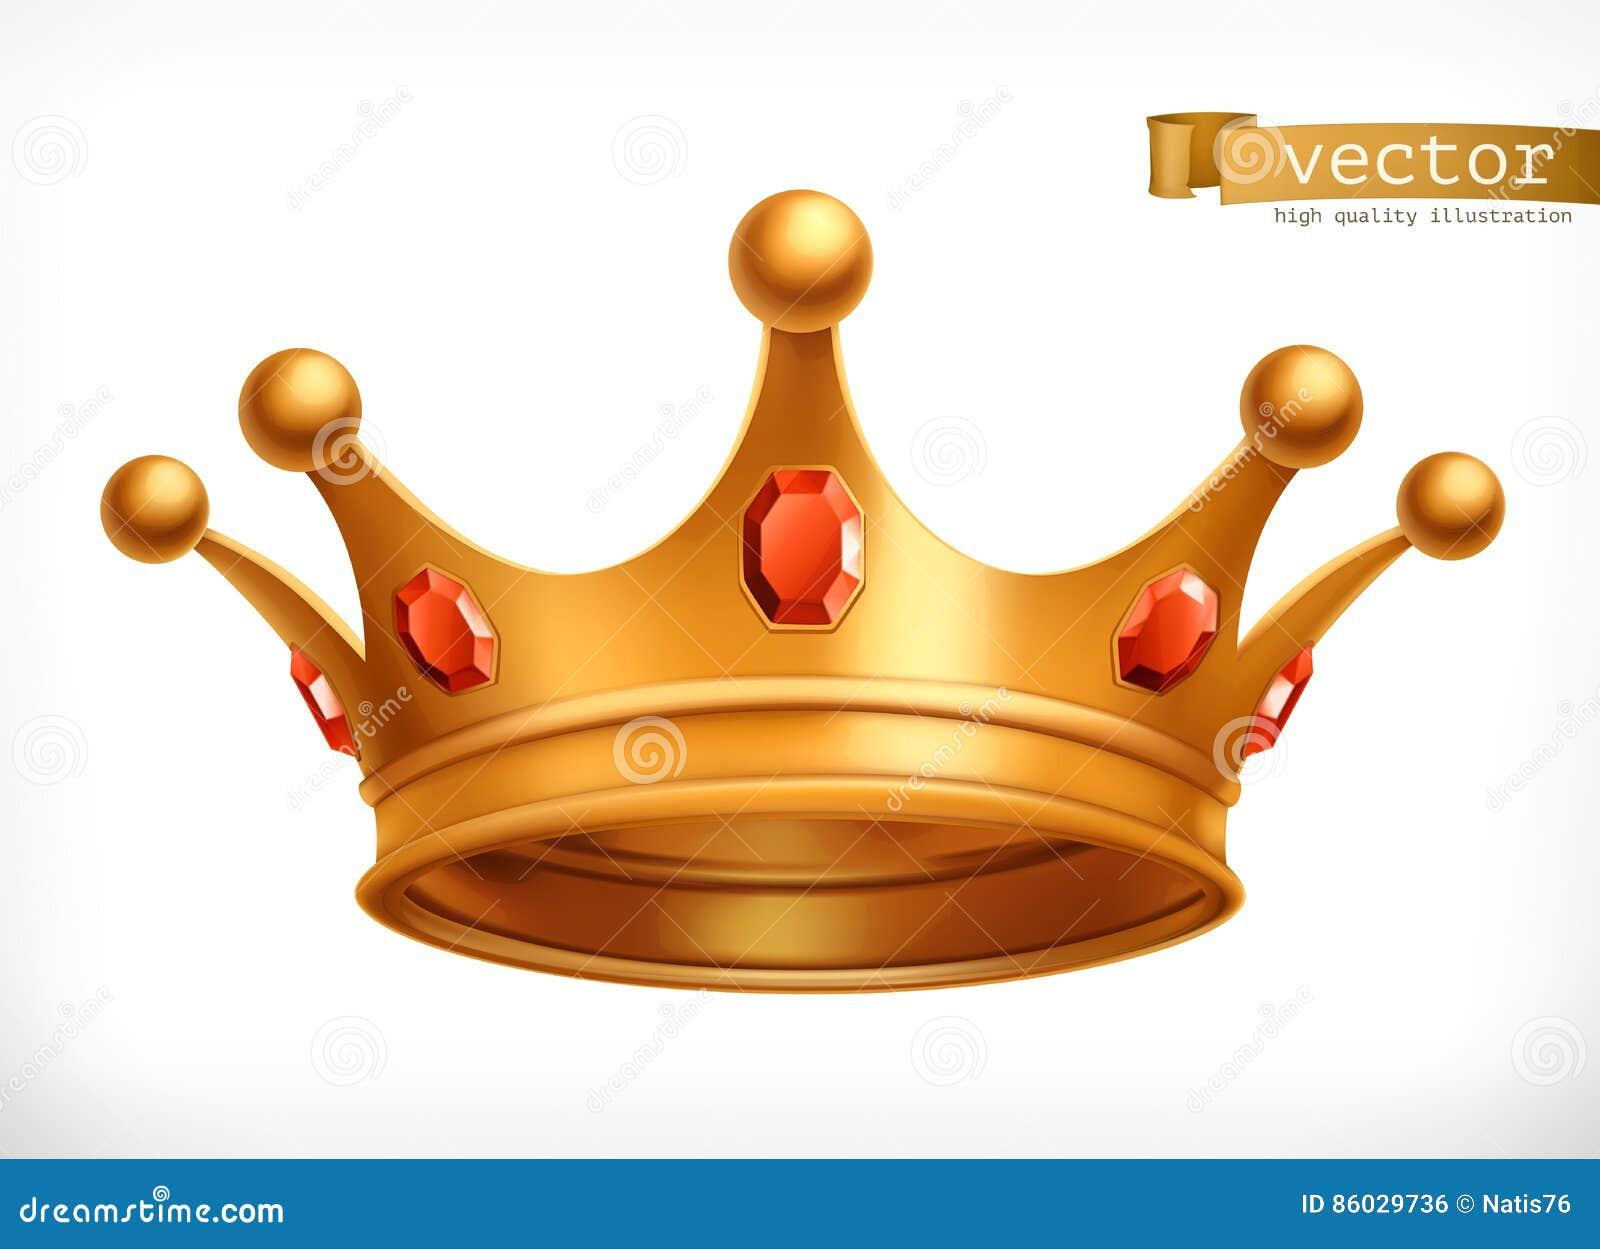 Guld- krona av konungvektorsymbolen